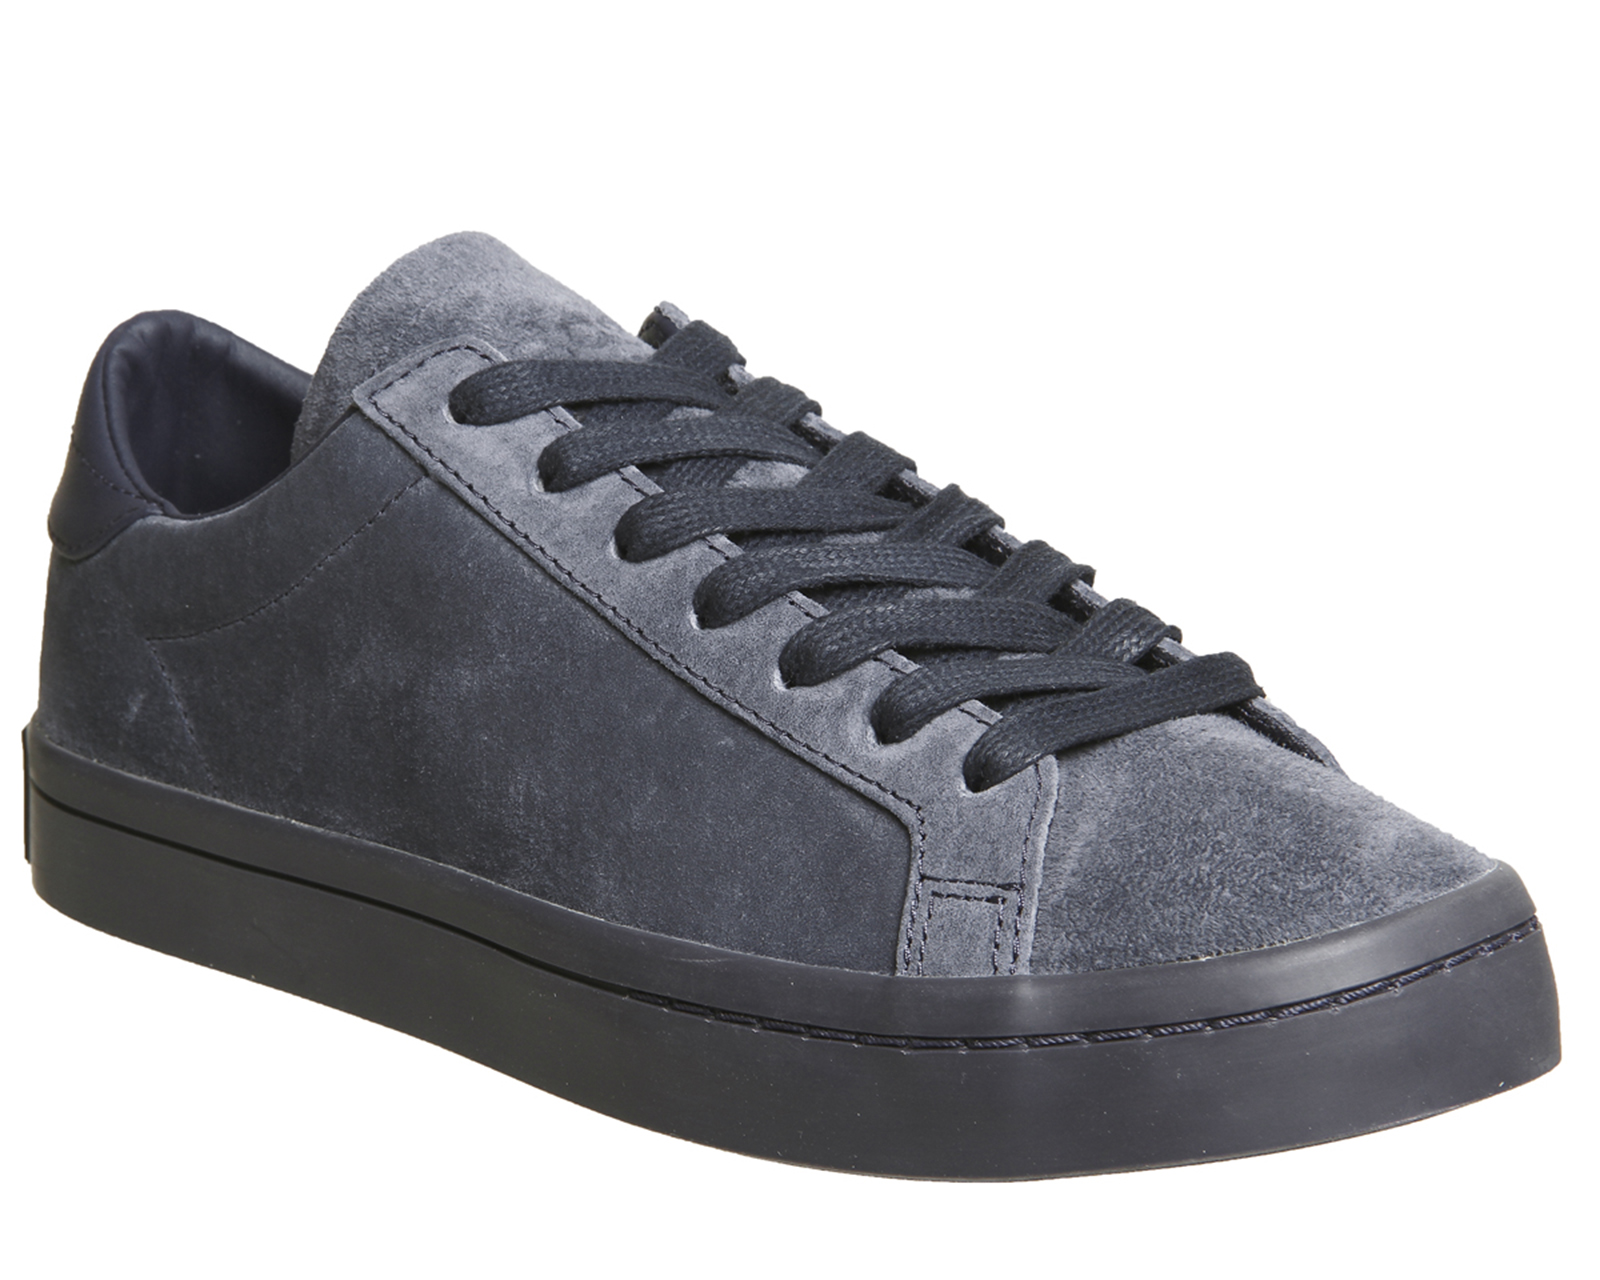 SENTINEL Scarpe Adidas Court Vantage istruttori traccia blu formatori